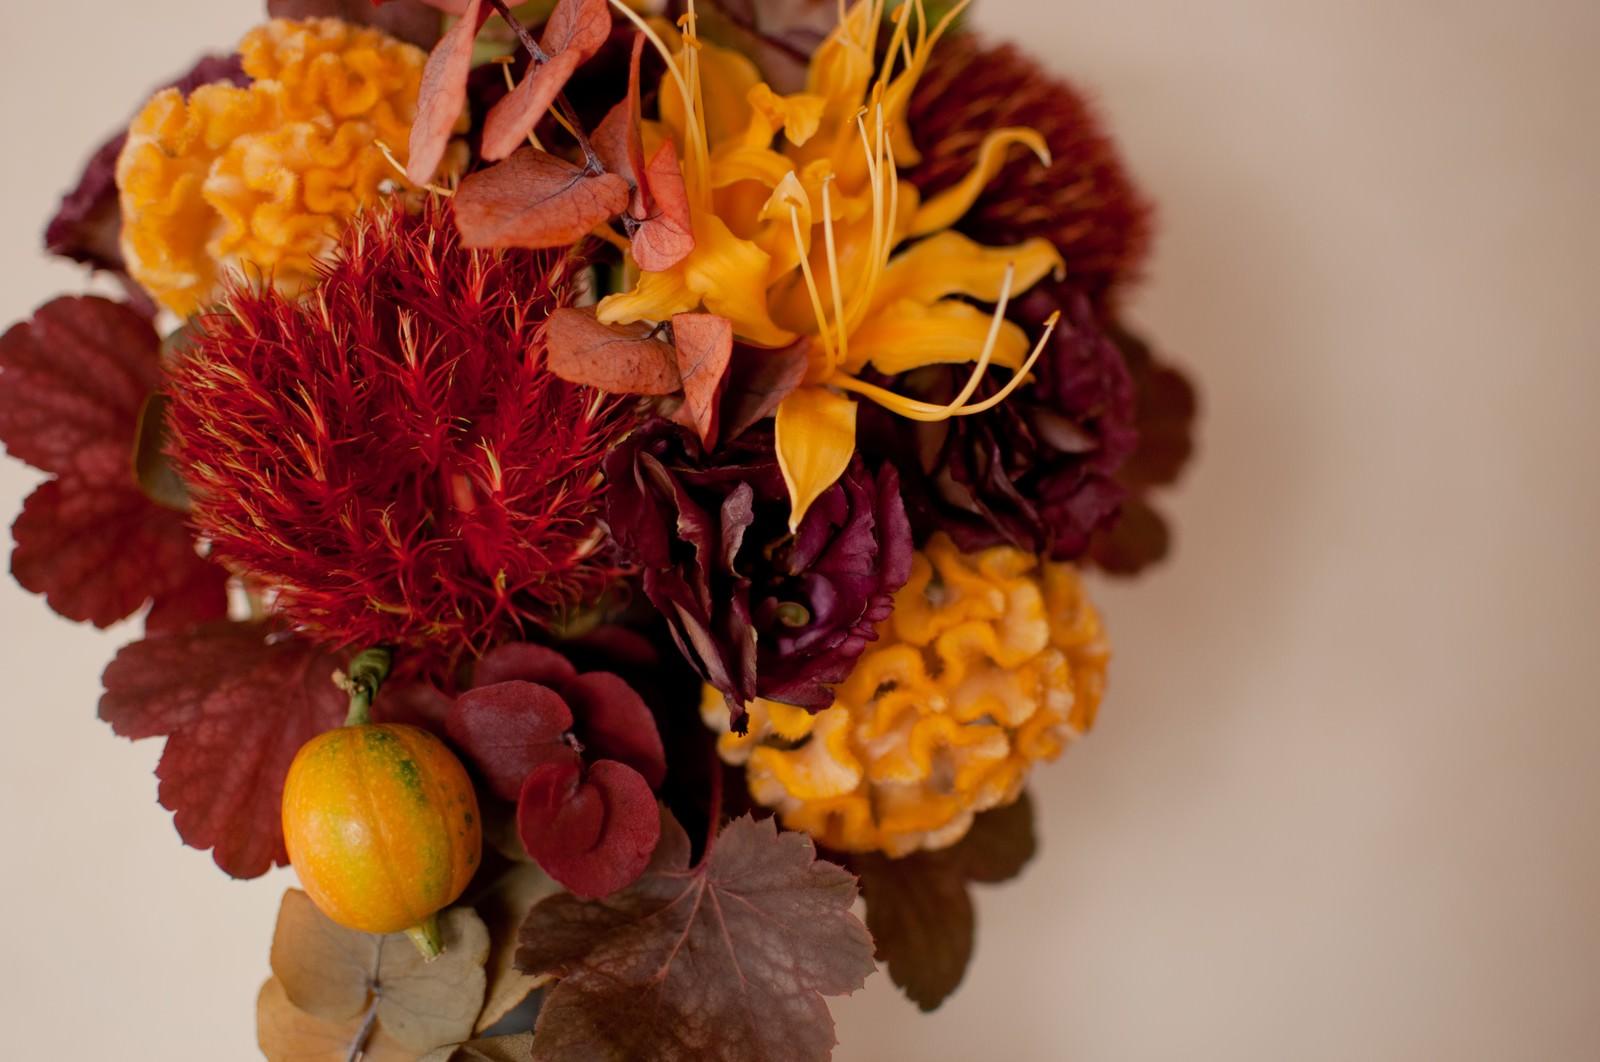 「秋のフラワーアレンジメント秋のフラワーアレンジメント」のフリー写真素材を拡大